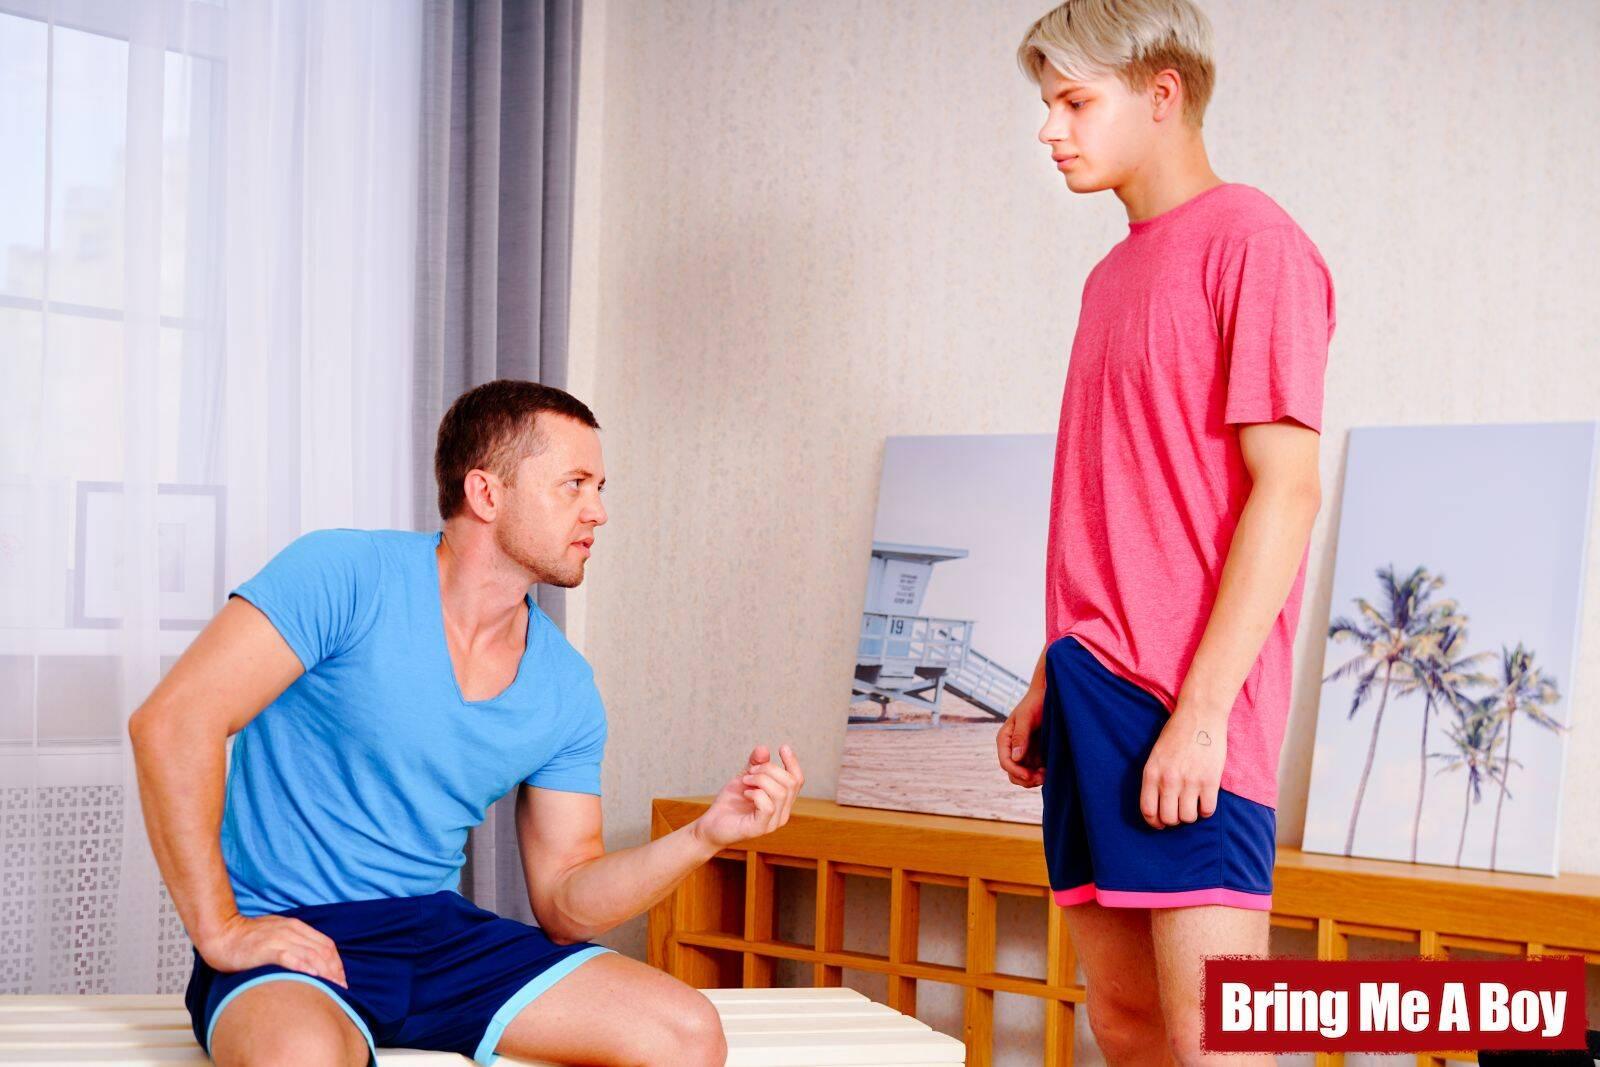 Bring Me A Boy – Daniel Star, Dan Digiron